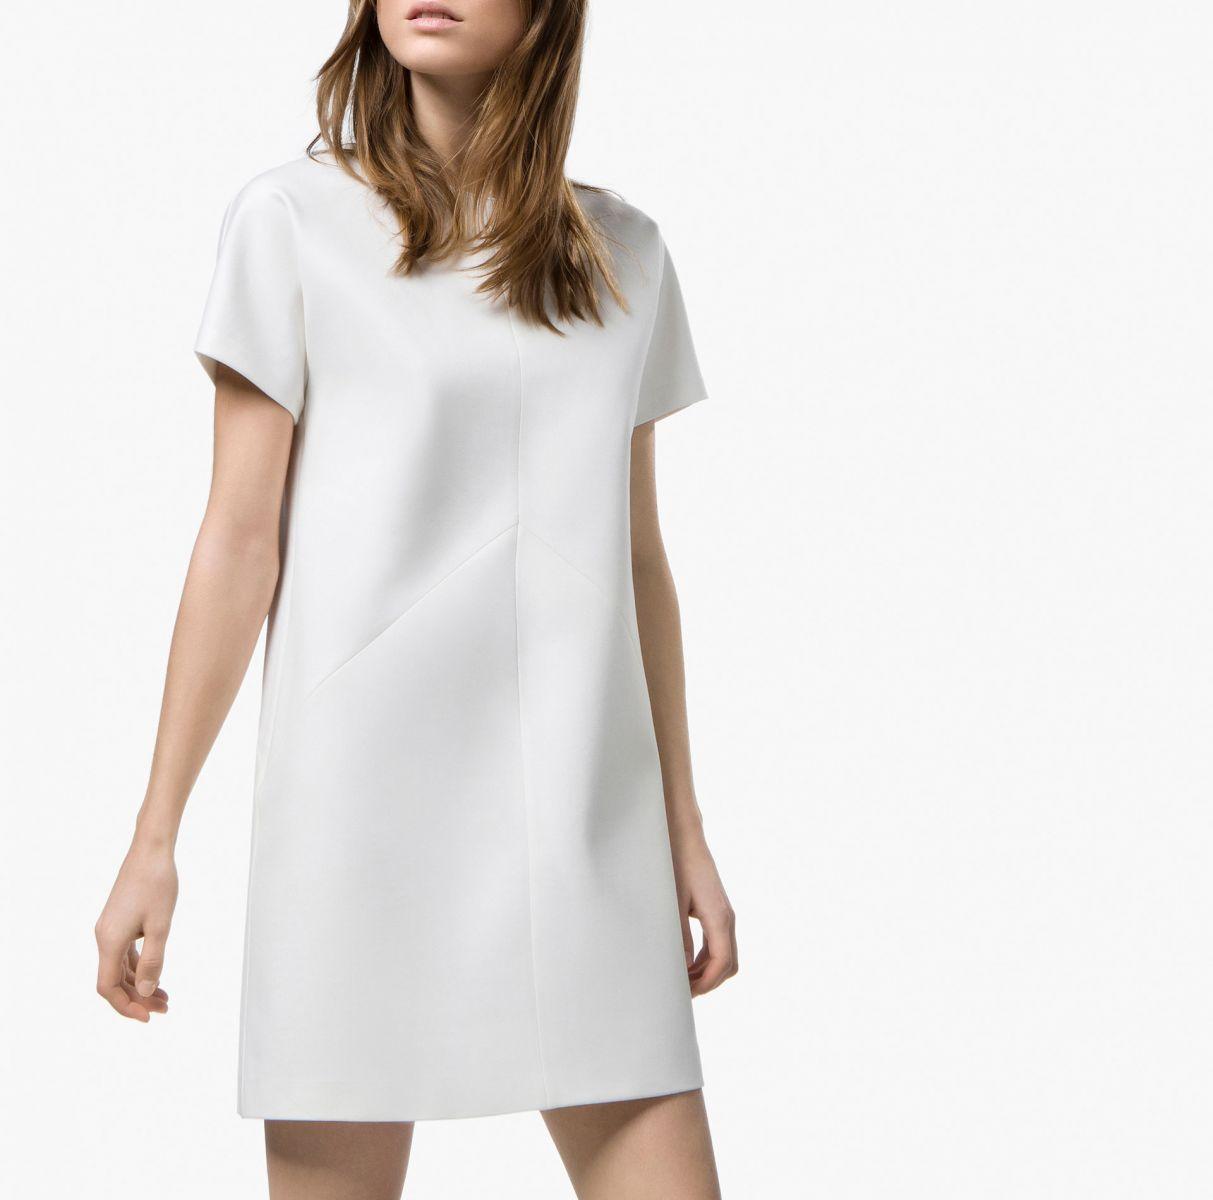 Collection Printemps T 2016 Zara Femme Guide Boutiques